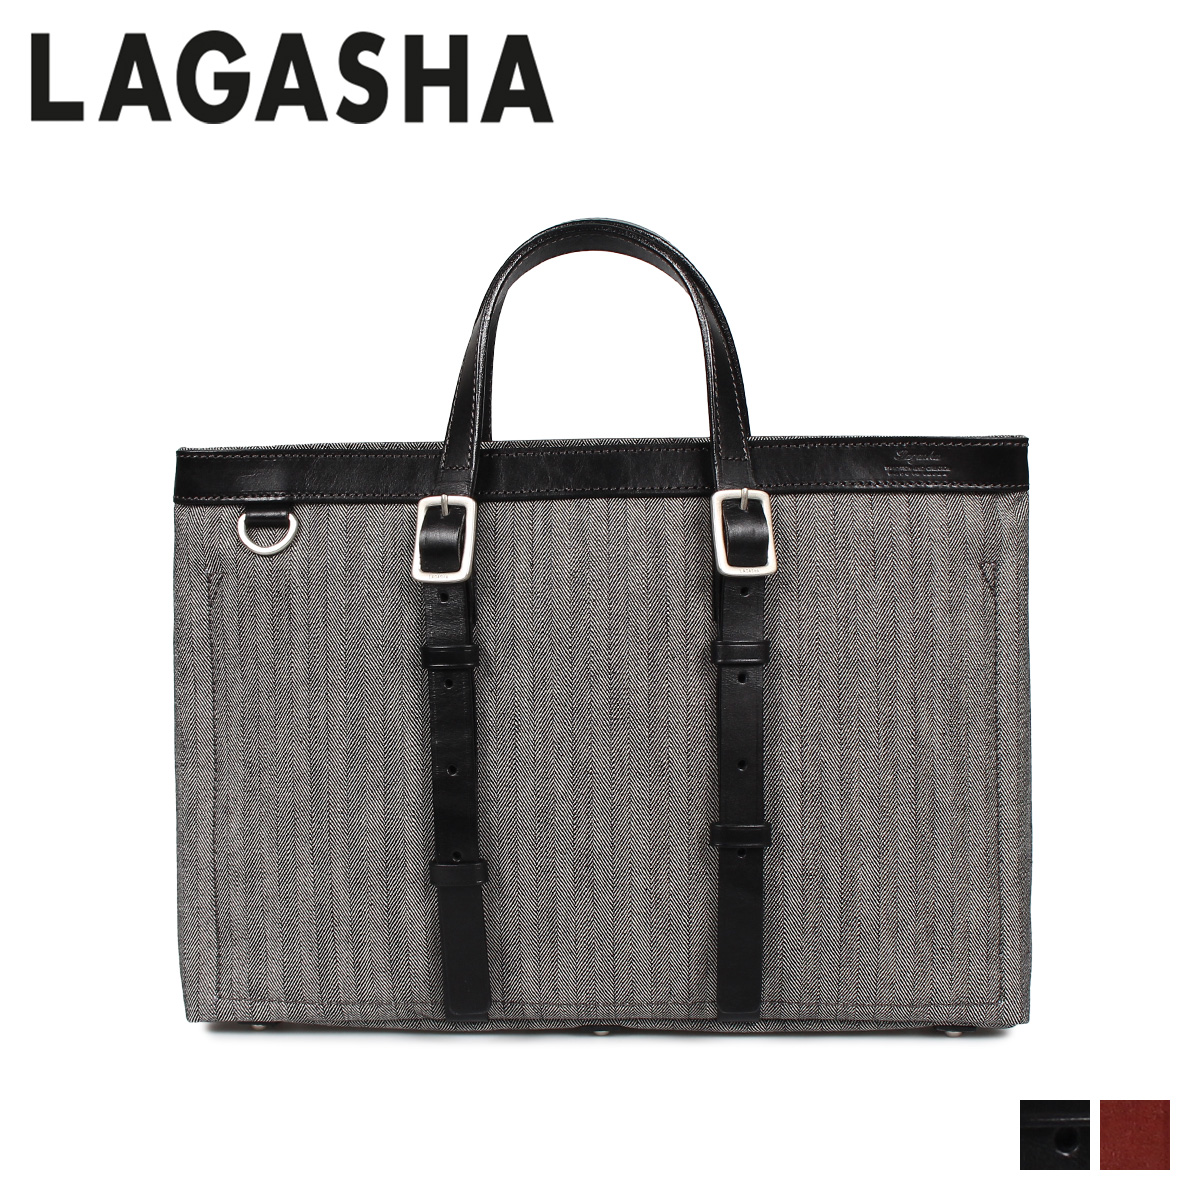 LAGASHA R&D ラガシャ アール&ディー バッグ トートバッグ メンズ ブラック ダーク ブラウン 黒 7493